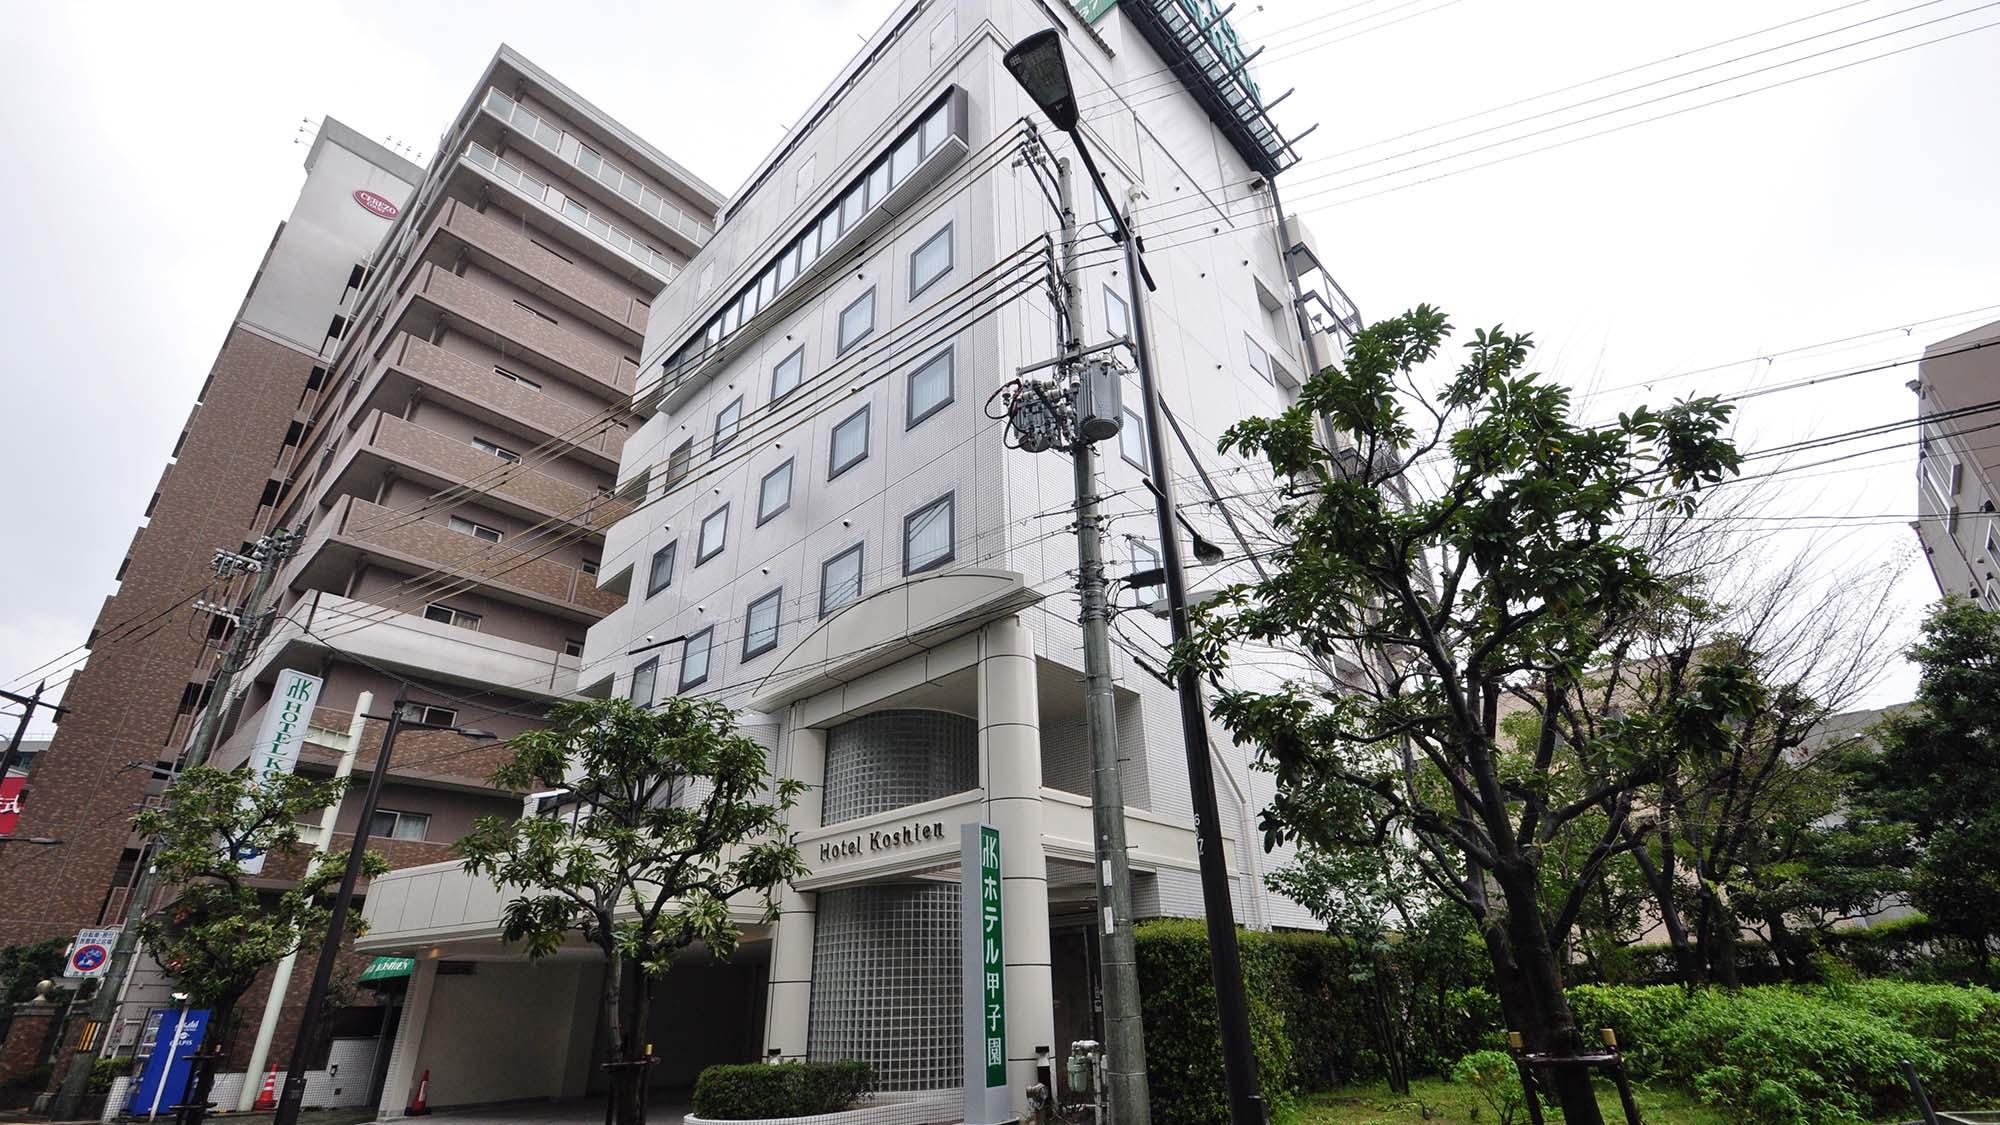 ホテル甲子園<兵庫県> [宝塚・西宮・甲子園・三田・篠山]